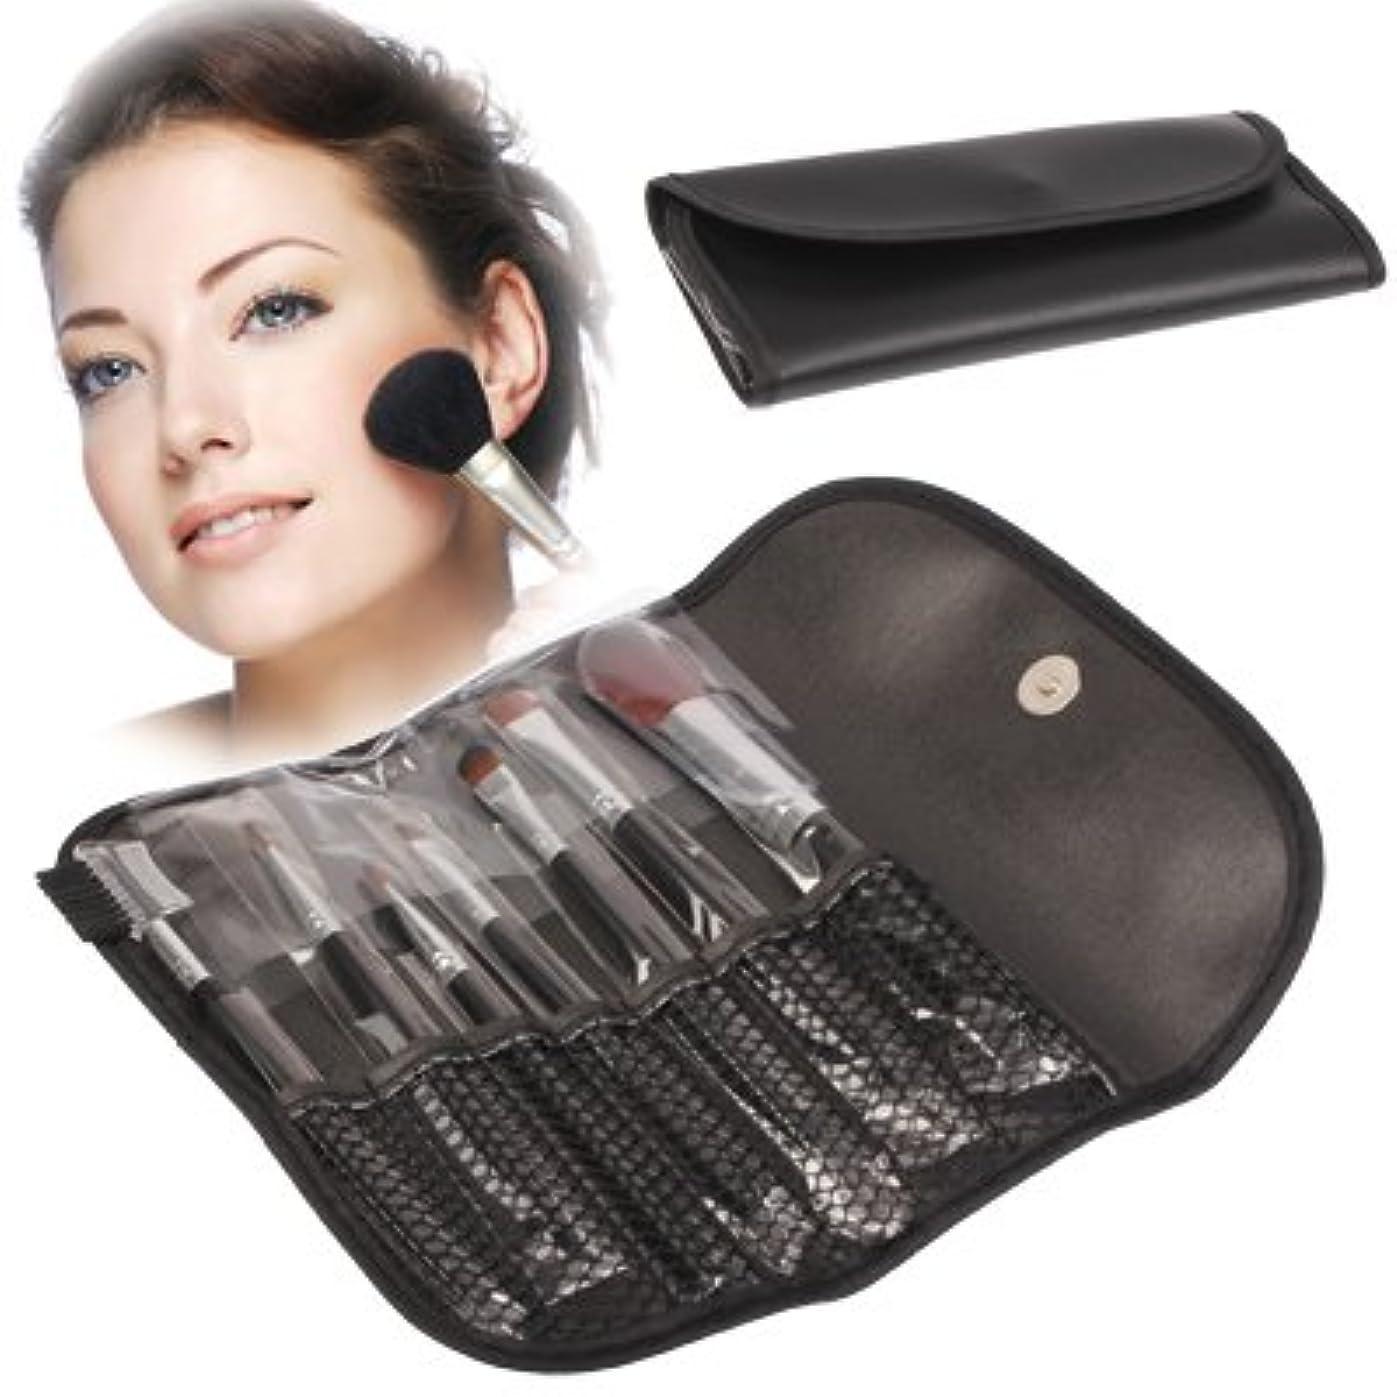 農業のモネ誰がMEI1JIA フェイシャルケア製品をブラシ7PCS女性のためのQUELLIA折り畳み式の合成皮革化粧ブラシケースバッグキットセット(ブラック)